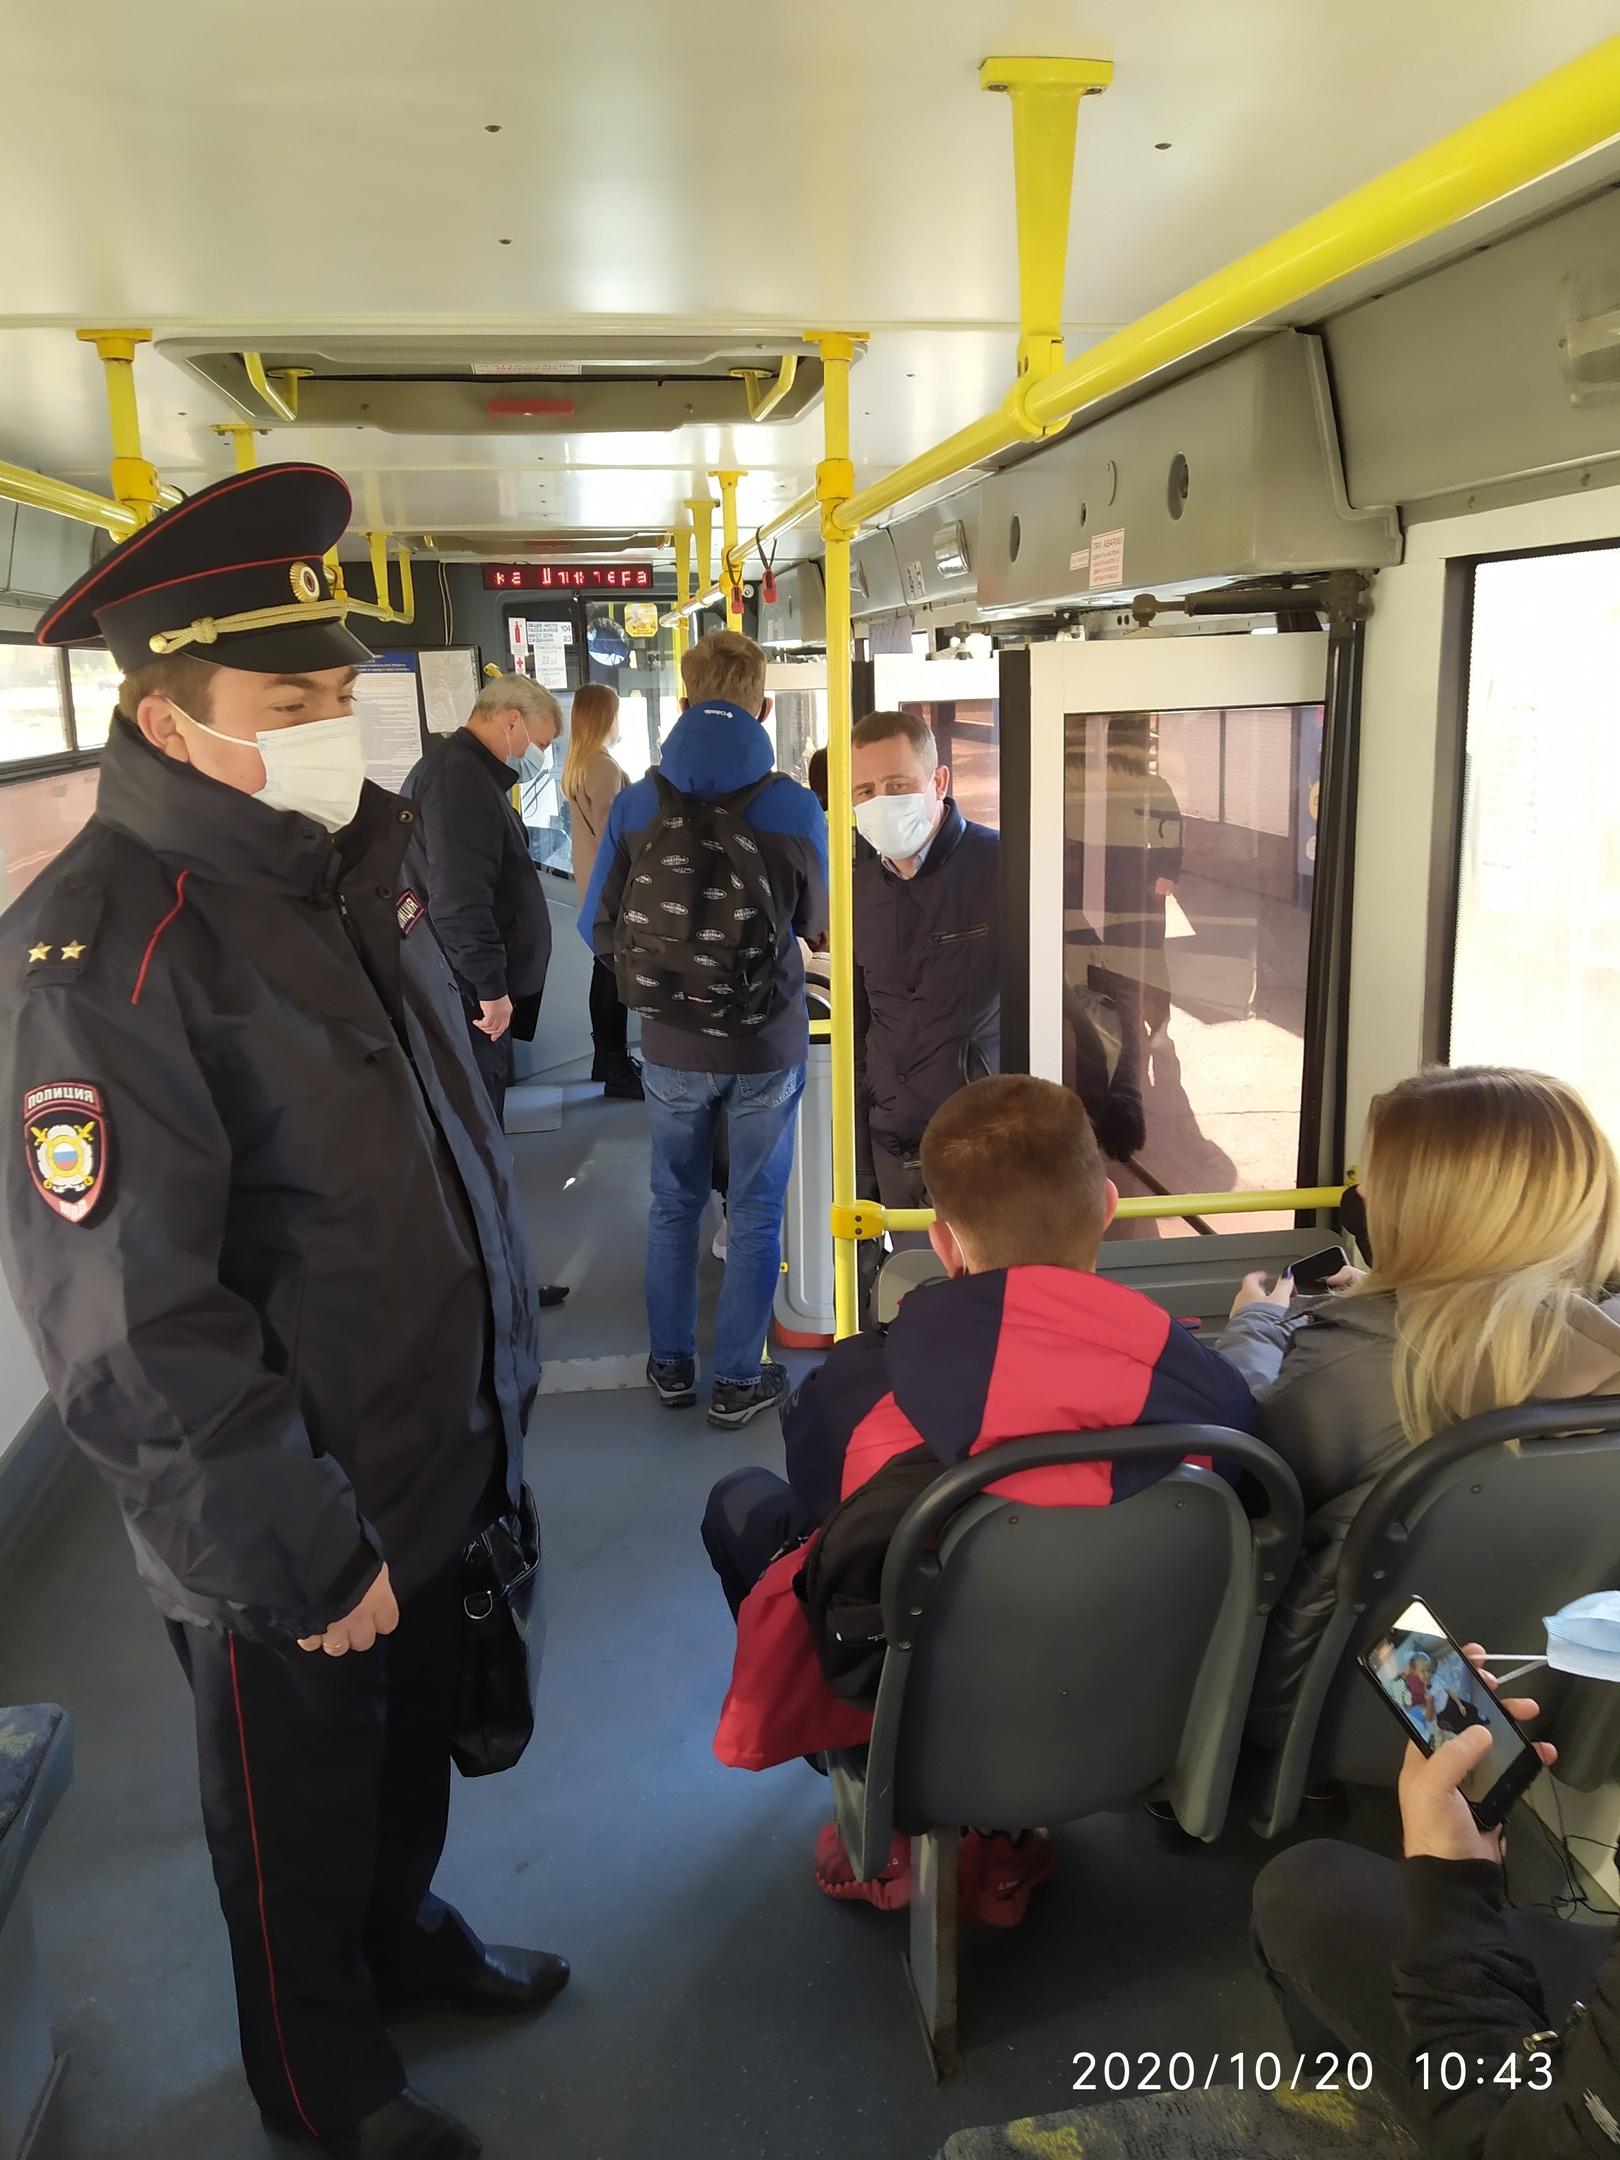 В восьми автобусах Тамбова выявлены нарушения масочного режима